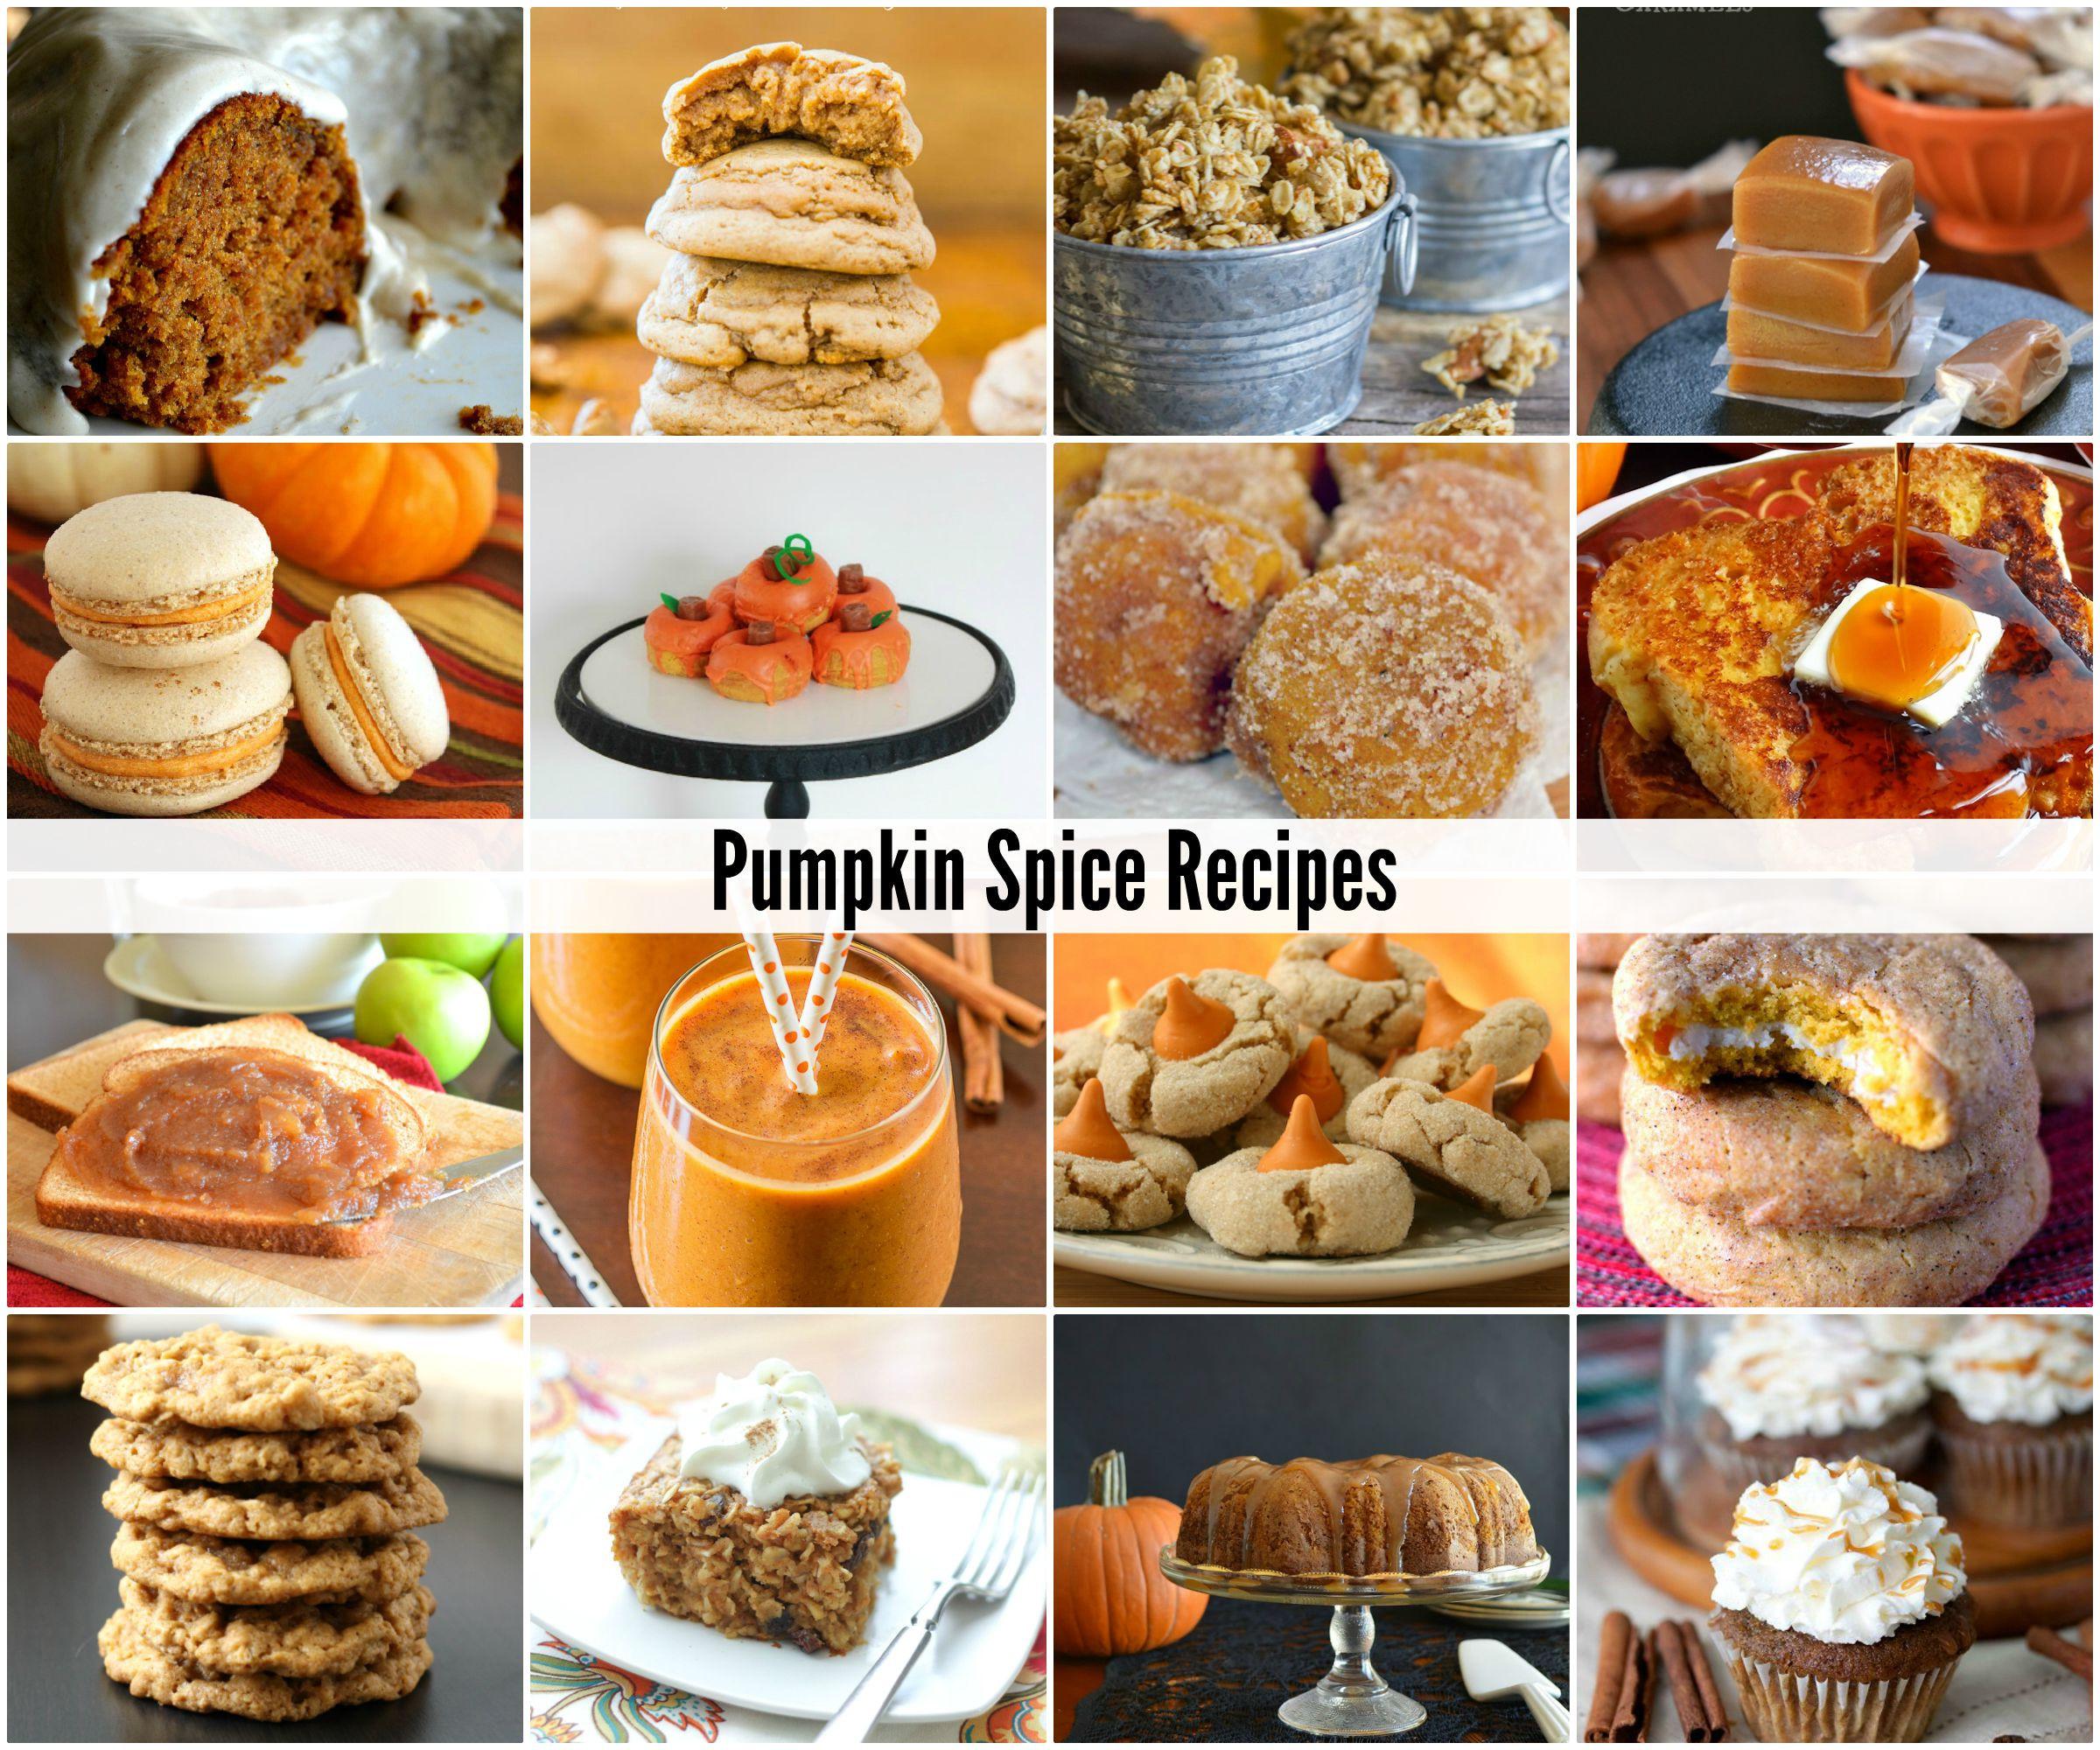 Pumpkin Recipes For Fall  Pumpkin Spice Recipes The Idea Room